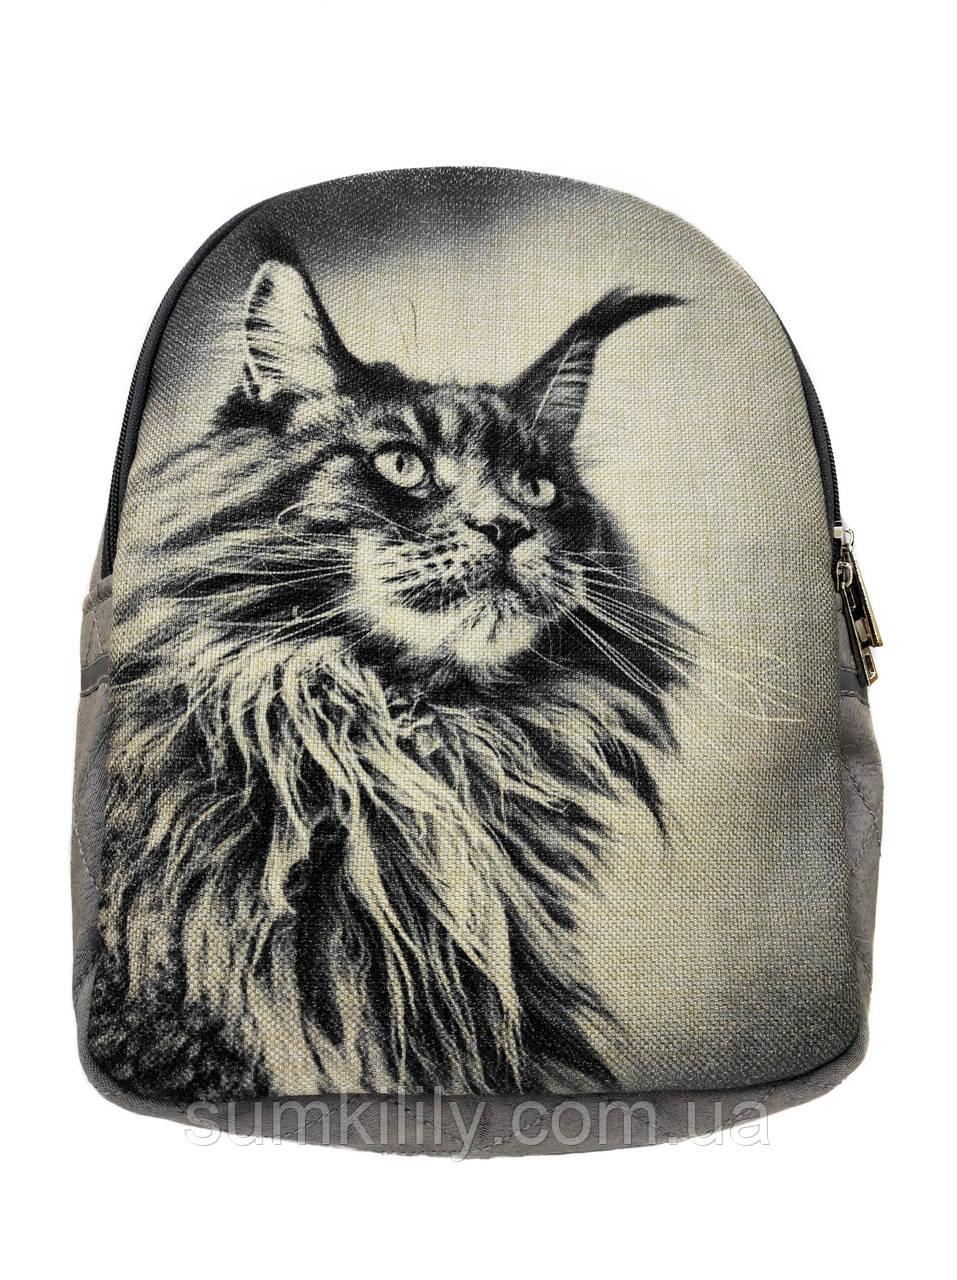 Текстильний рюкзак МЕЙНКУН 5